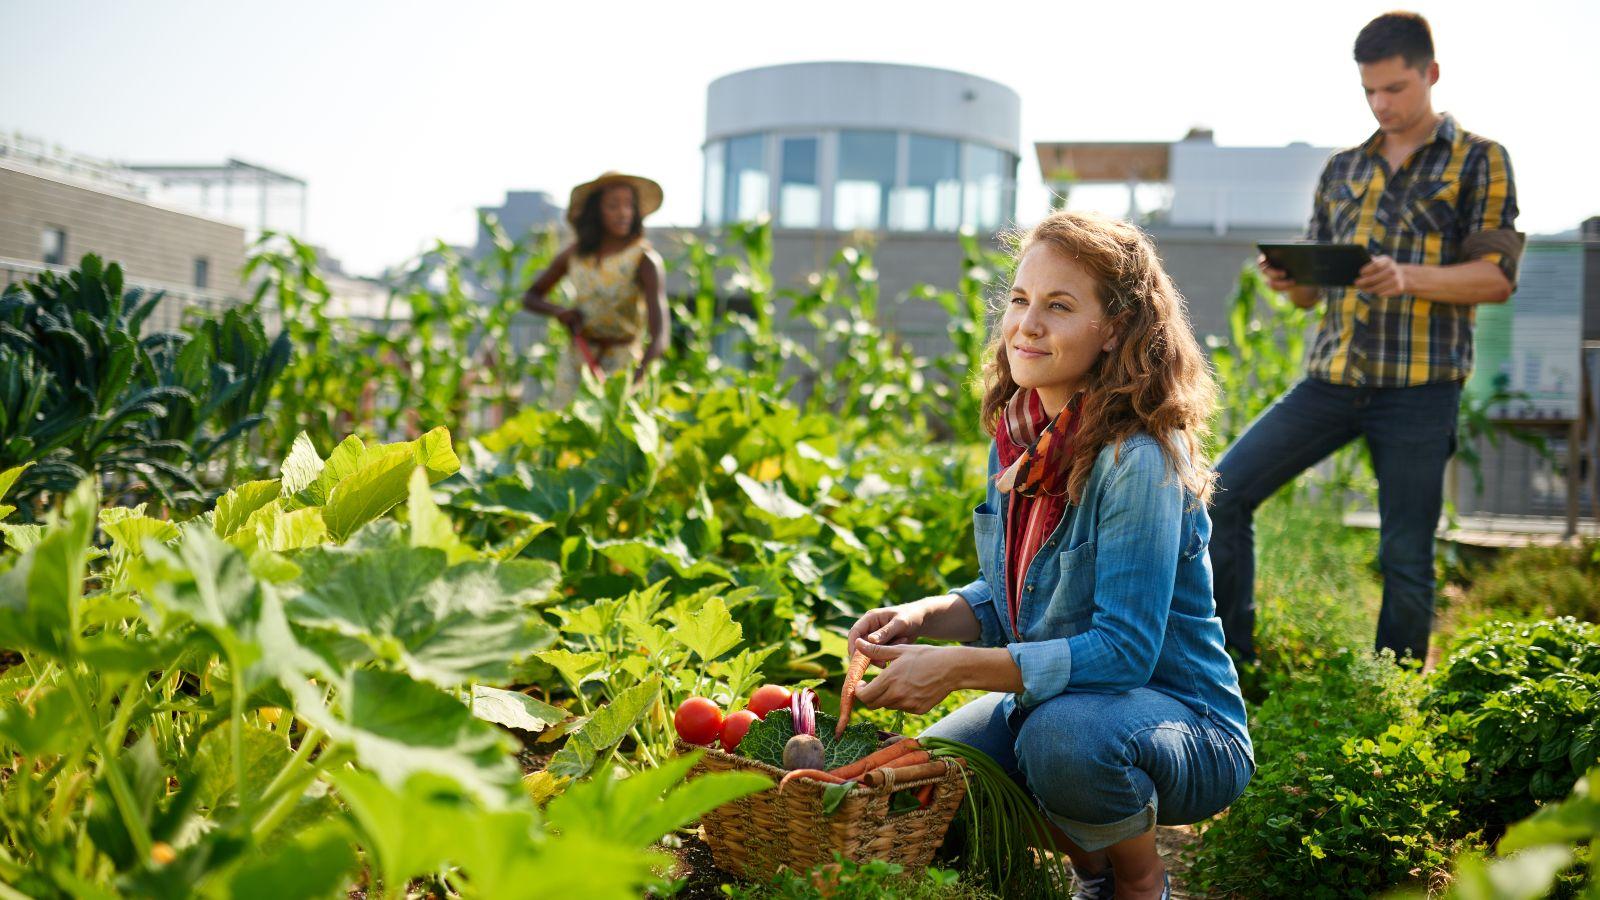 Zwei Frauen und ein Mann befinden sich auf einem Dachgarten. Im Mittelpunkt steht ein gefüllter Gemüsekorb zwischem sattem Grün. Im Hintergrund zeichnen sich die umliegenden Hausdächer ab.